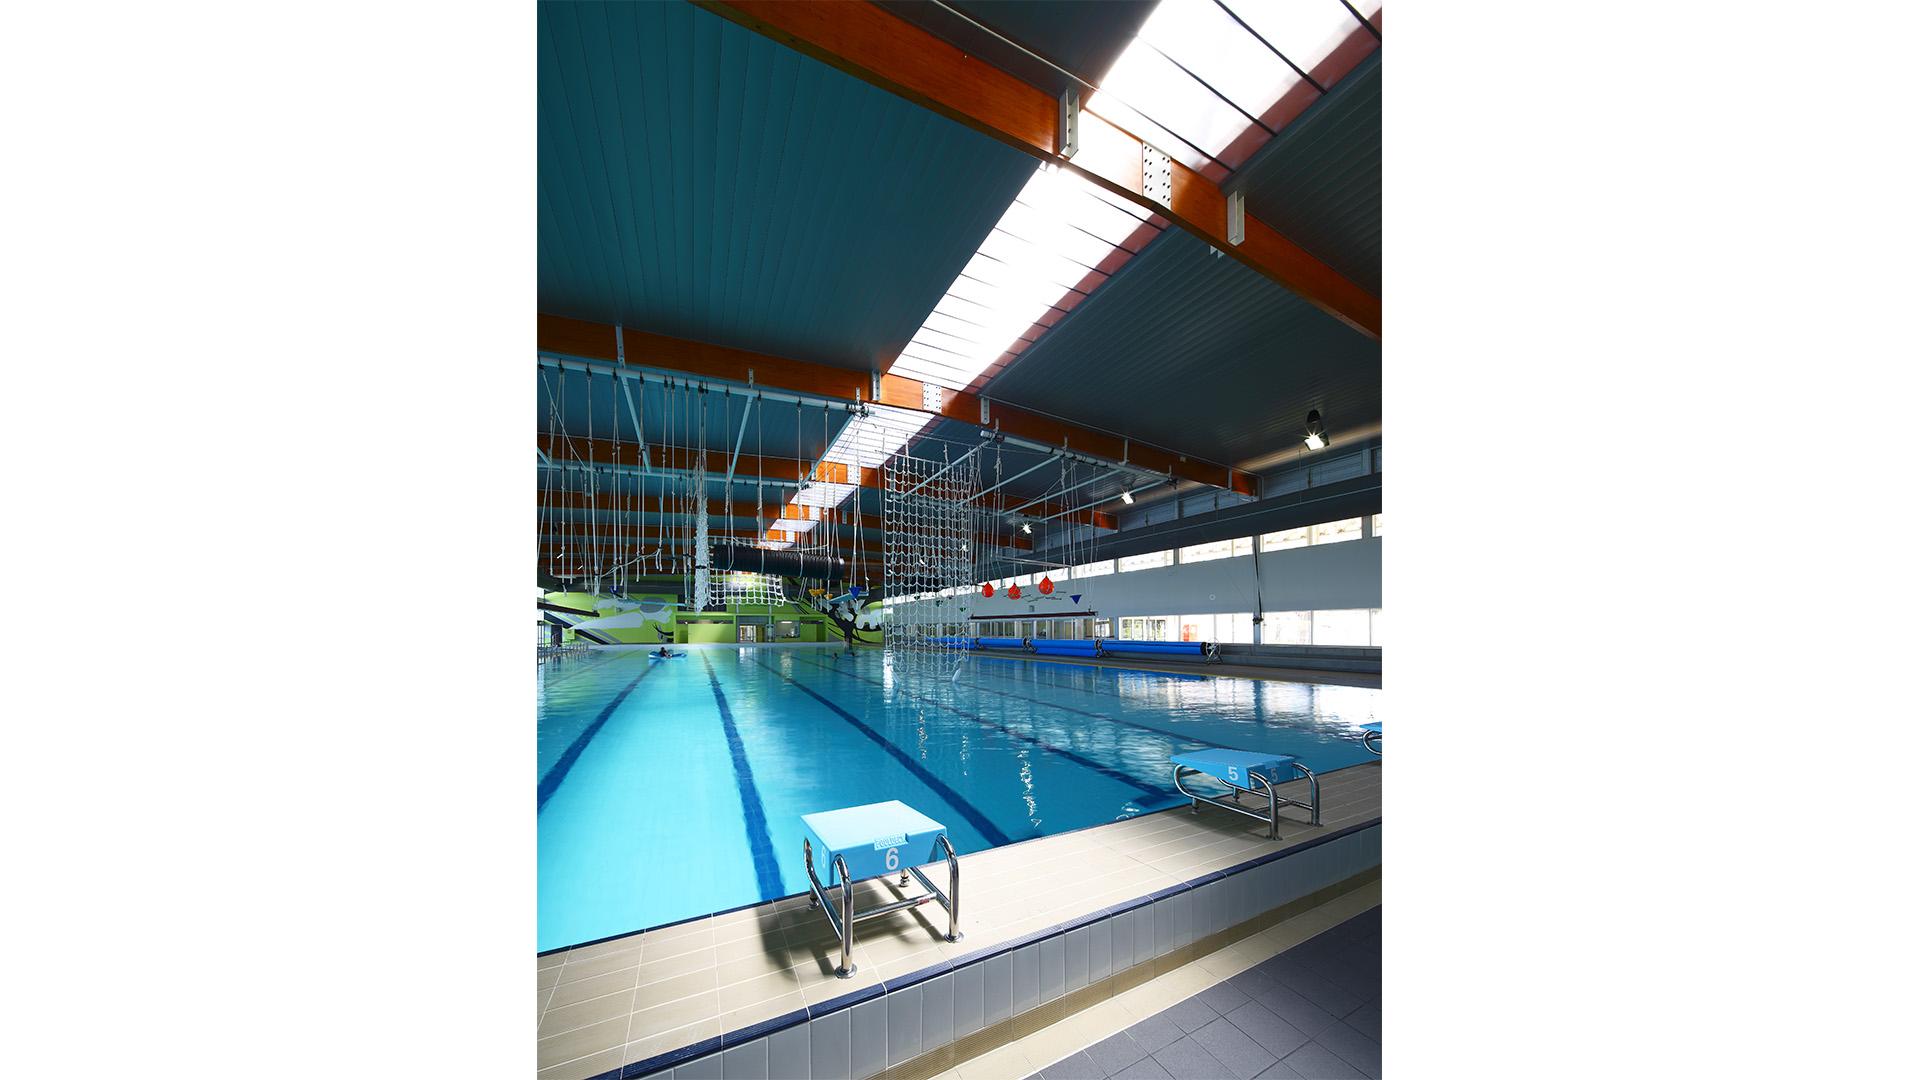 50m Training Pool